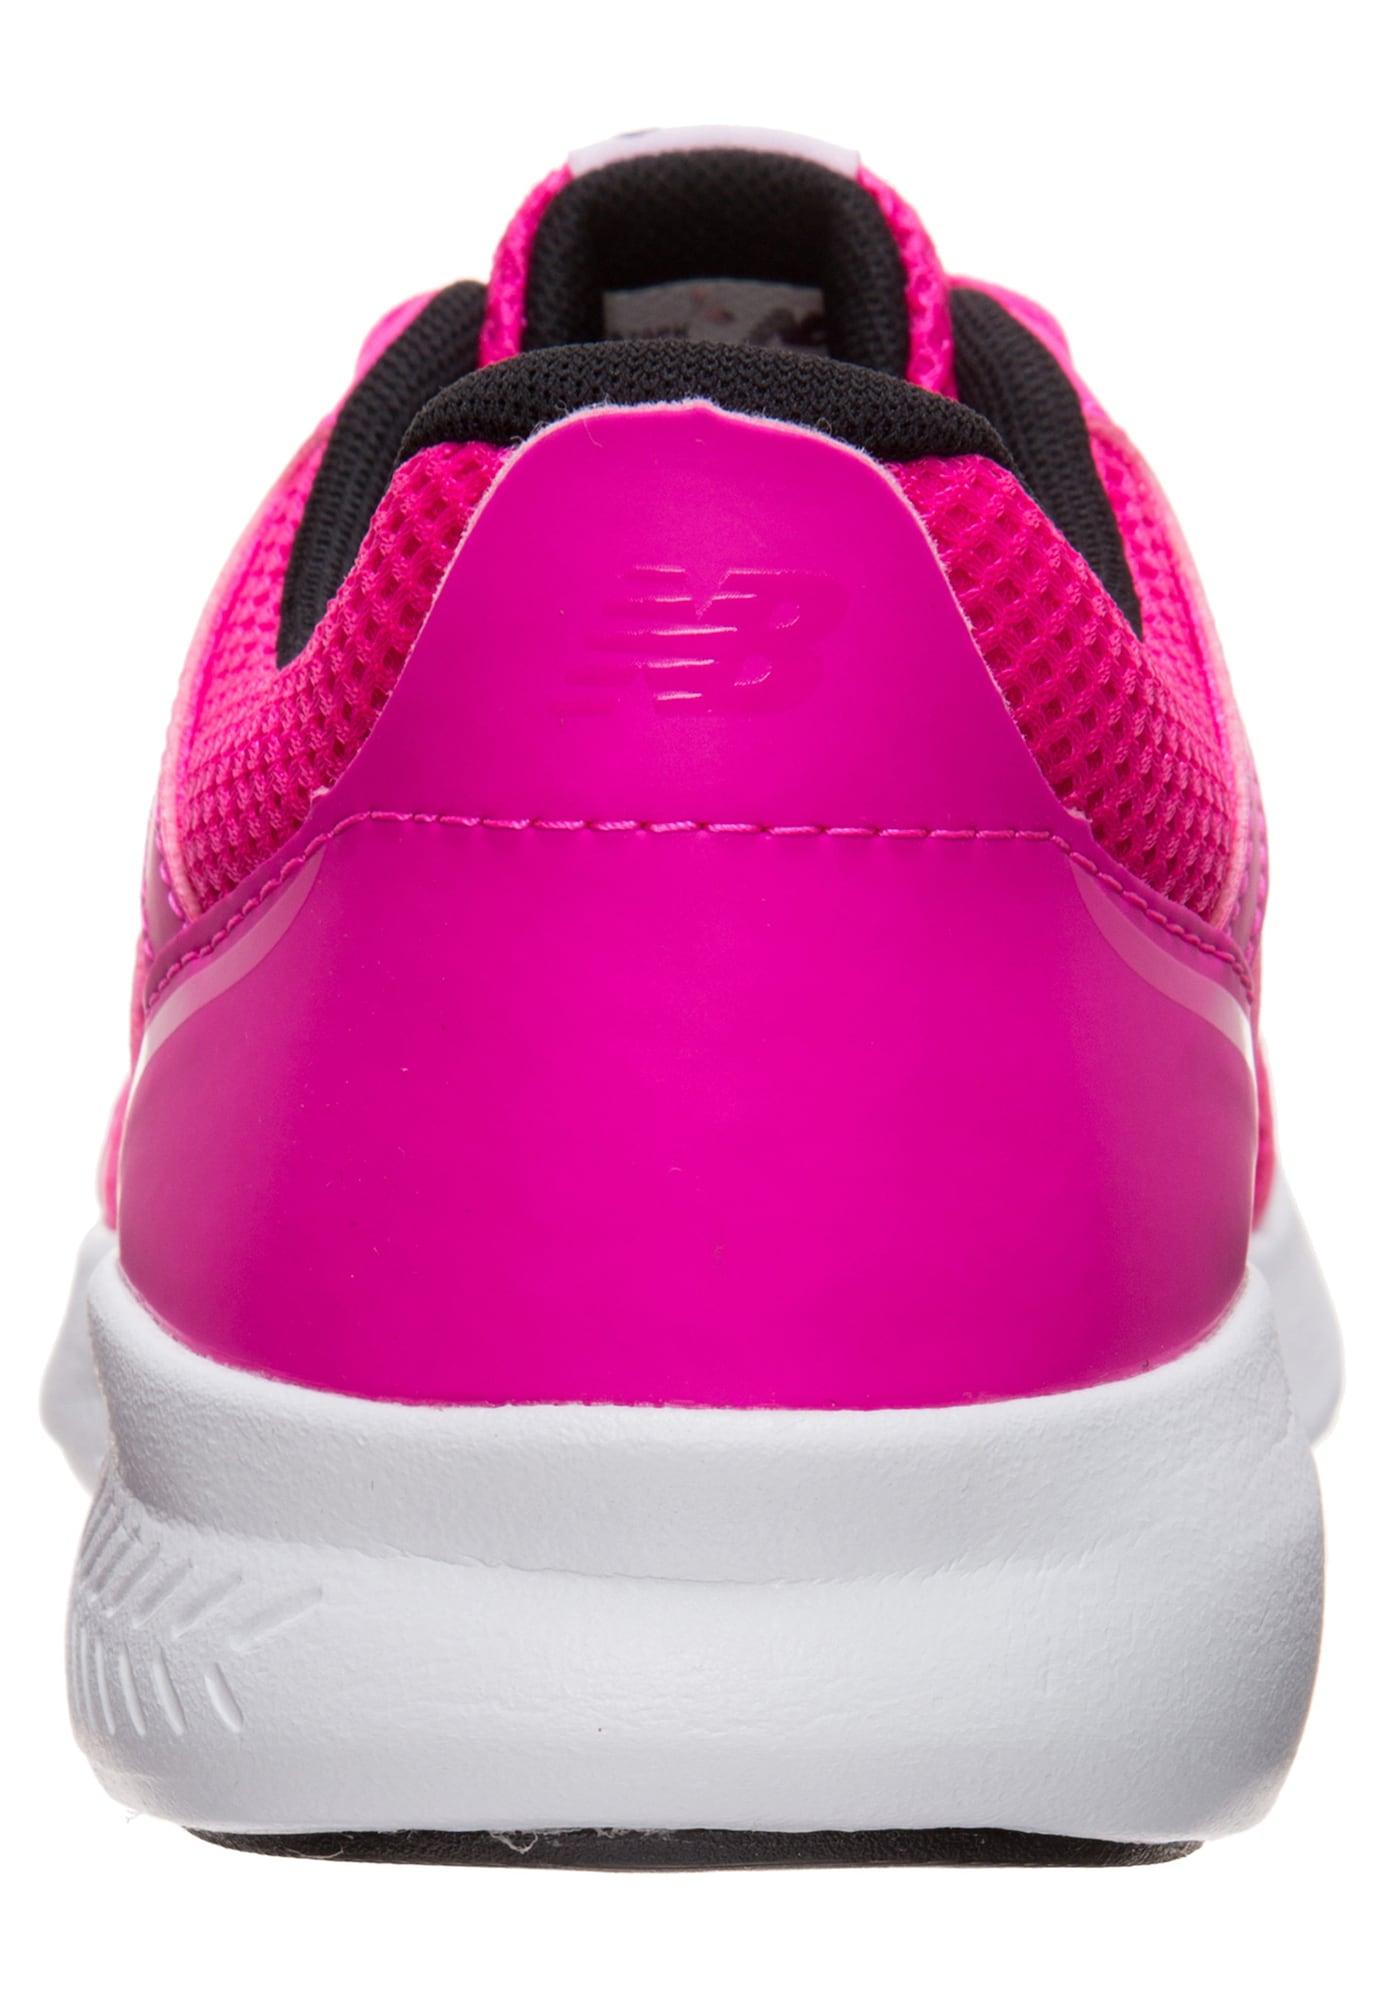 ad672423b65 New Balance, Meisjes Sportschoen YK570-BL-M, neonroze / wit